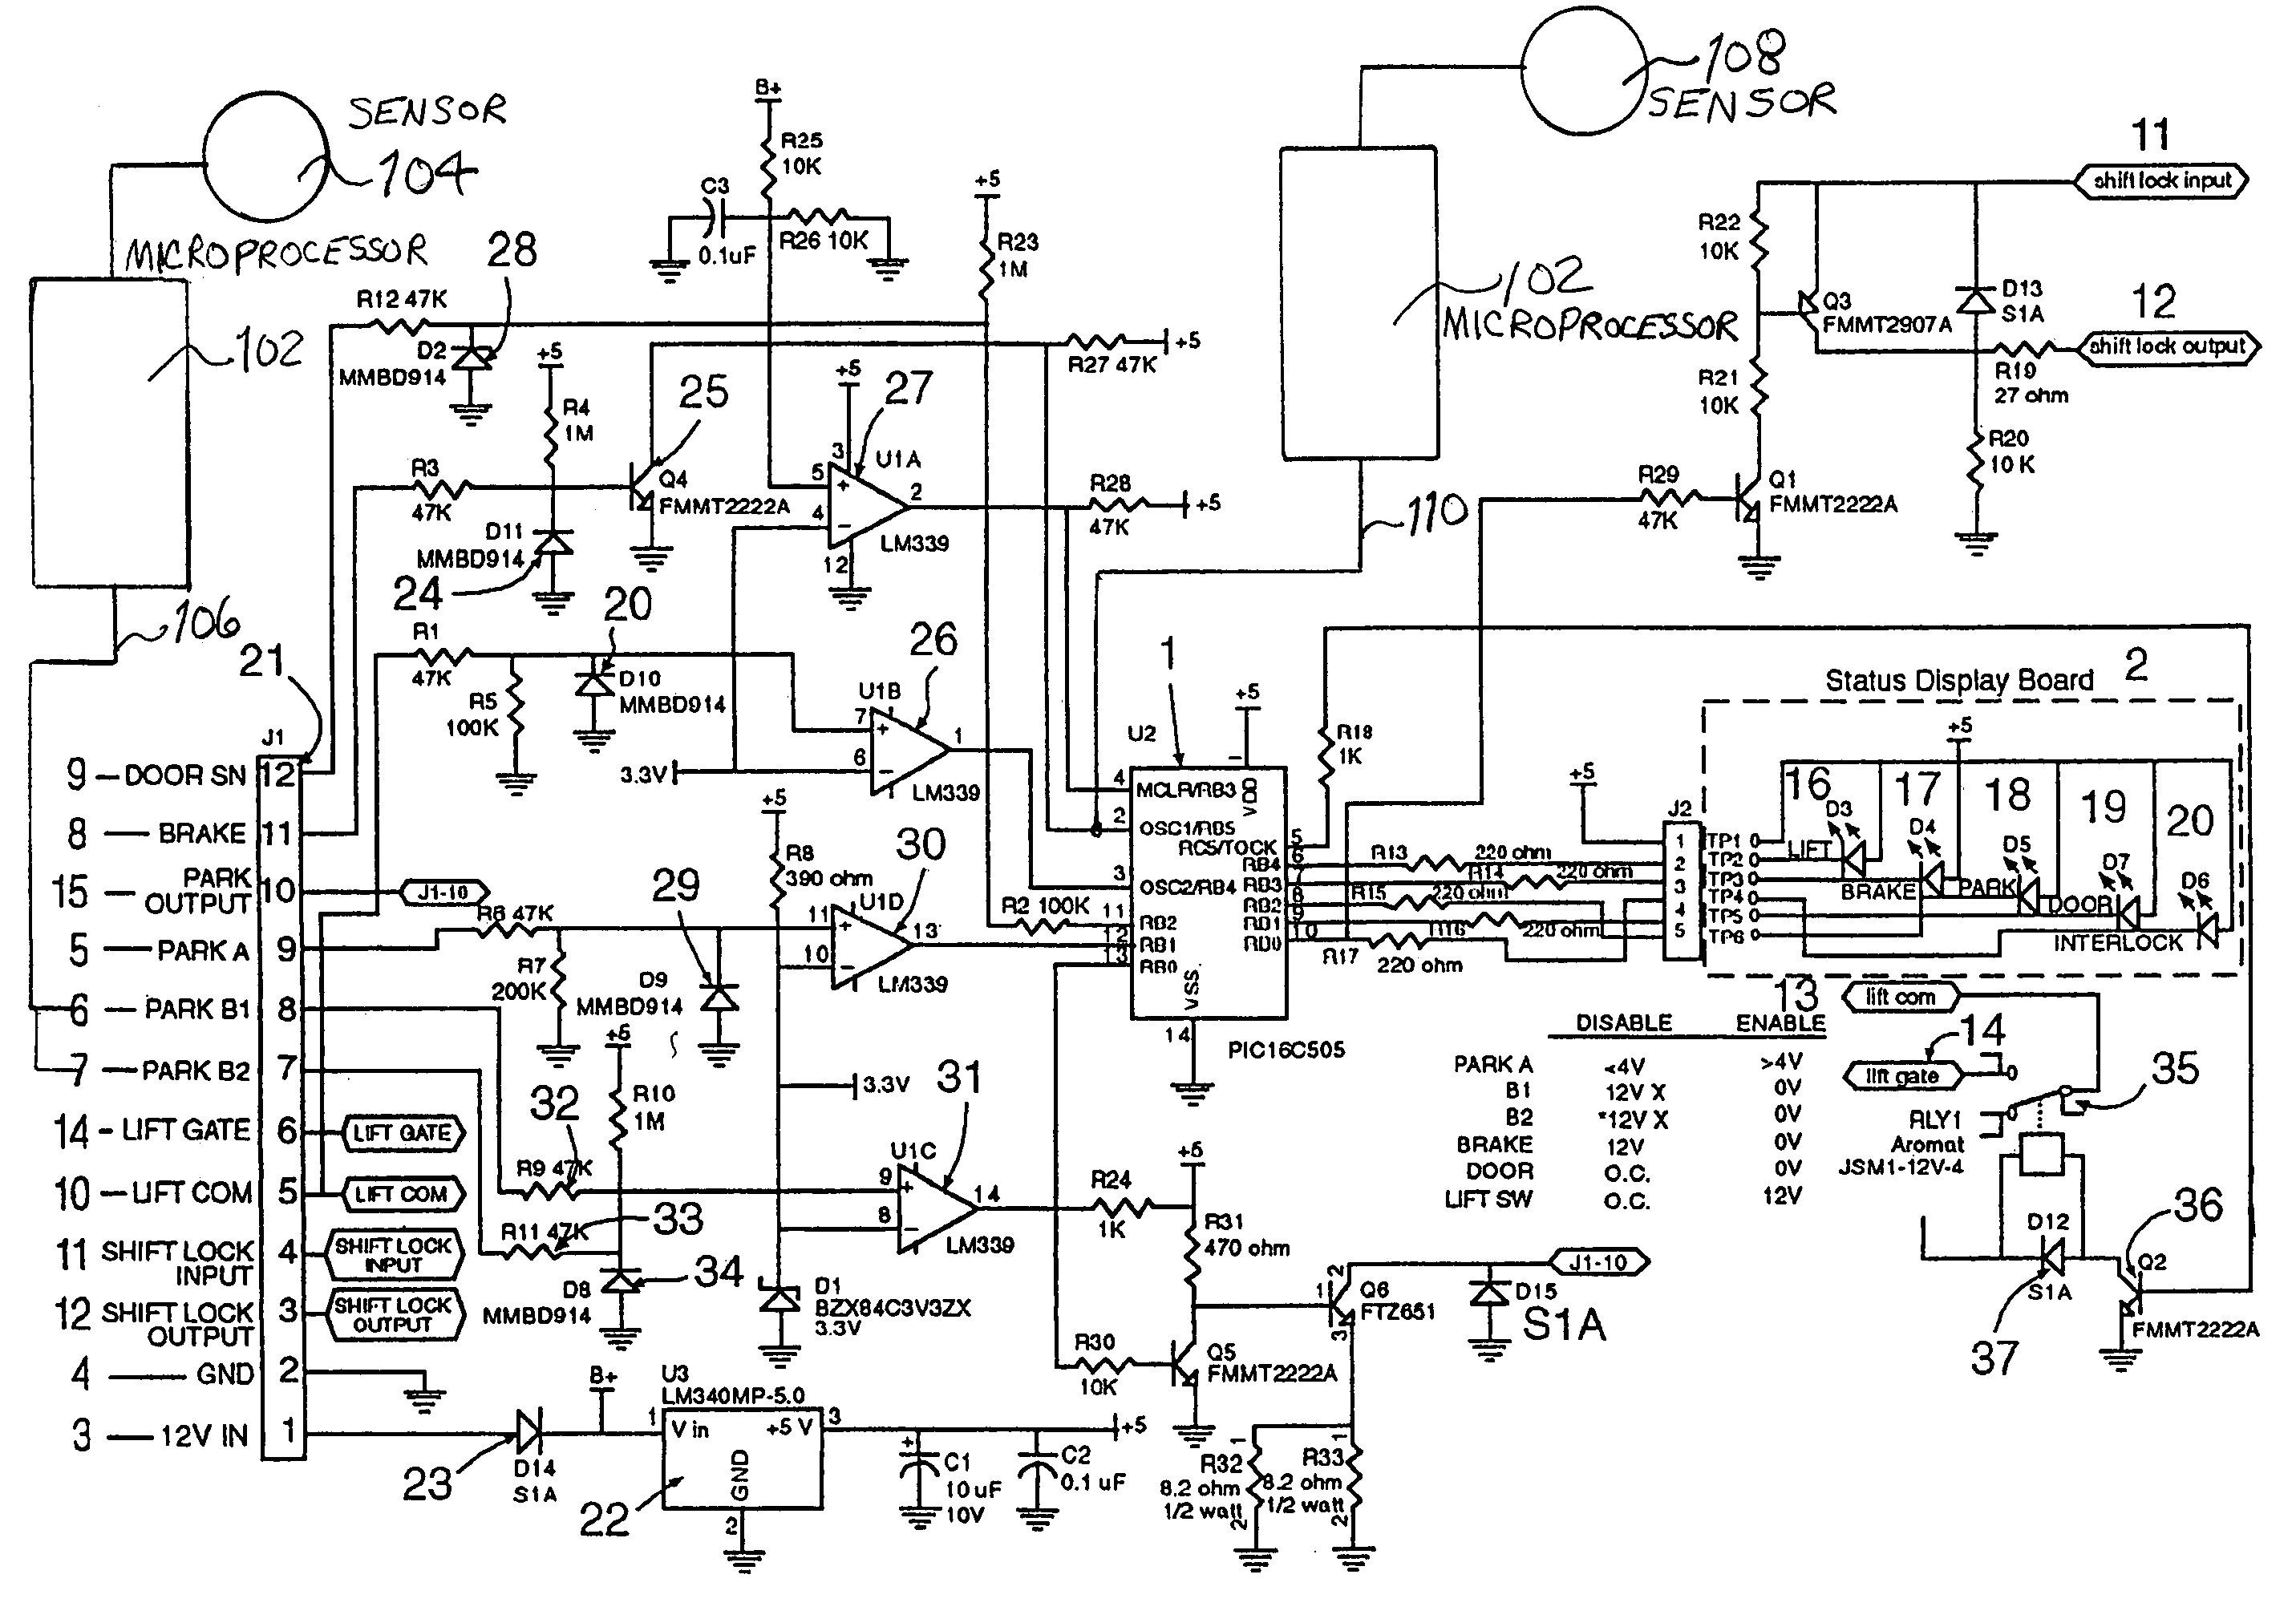 ricon wheelchair lift wiring diagram braun wheelchair lift wiring diagram download ricon lift wiring diagram stannah stair 19 n 8p jpg